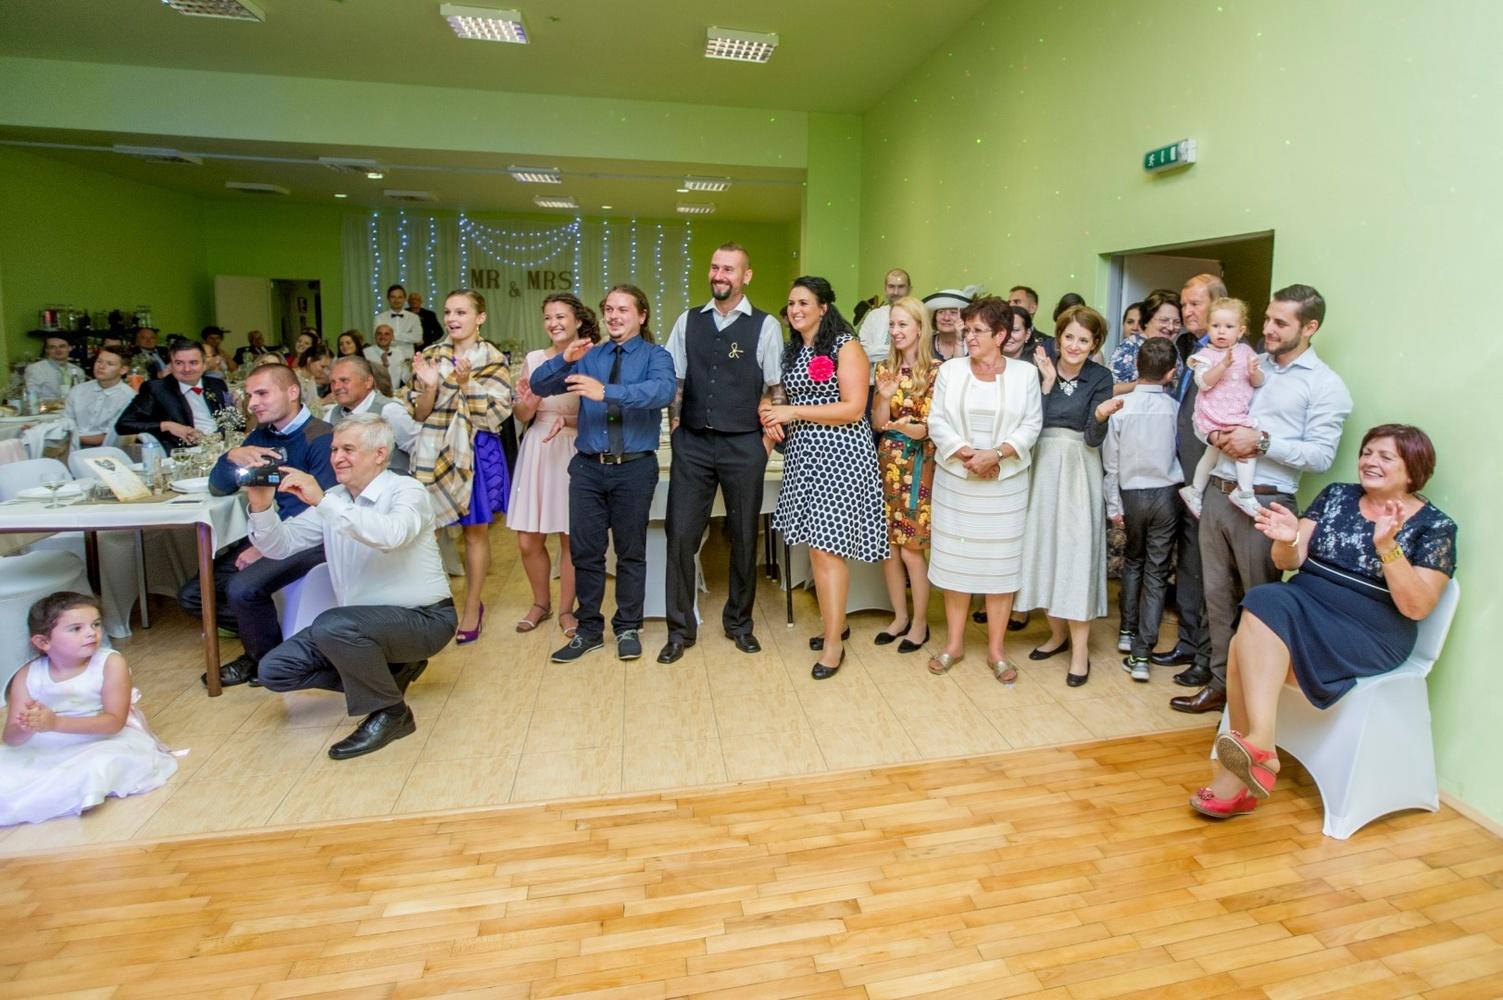 http://www.fotoz.sk/images/gallery-8/normal/eskuvoi-fotos_svadobny-fotograf_530.jpg